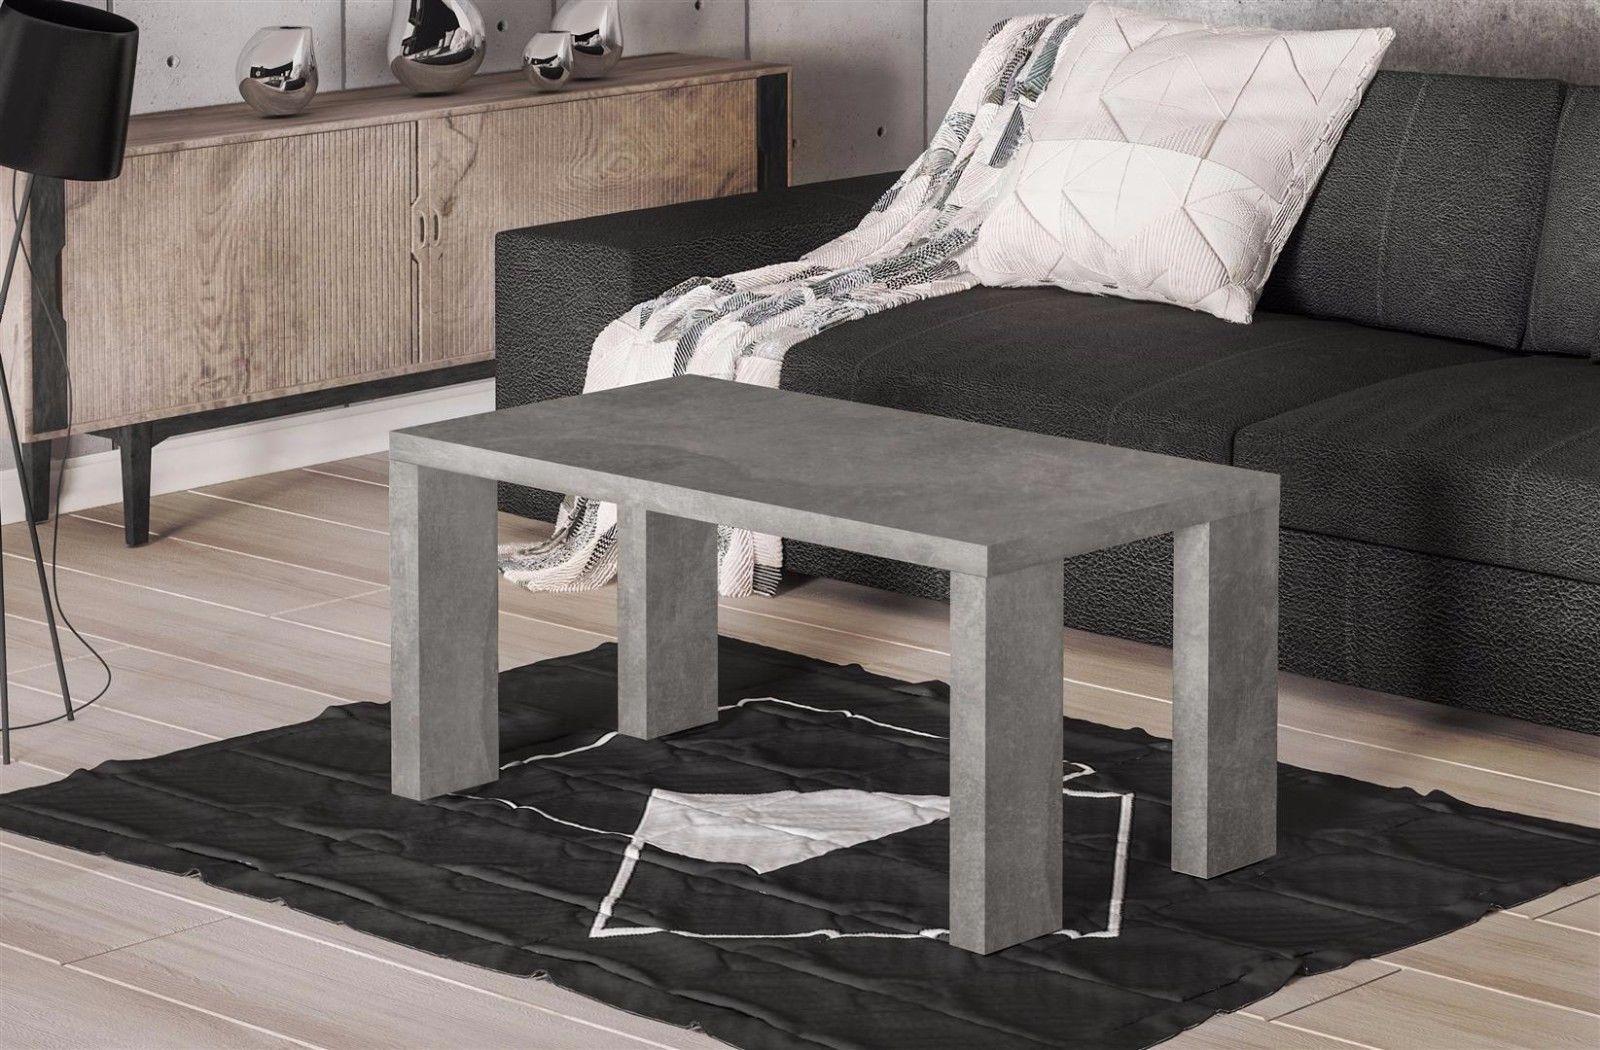 couchtisch aus beton couchtisch glas chrom gestell mann mobilia ohne fu mit schublade eiche. Black Bedroom Furniture Sets. Home Design Ideas